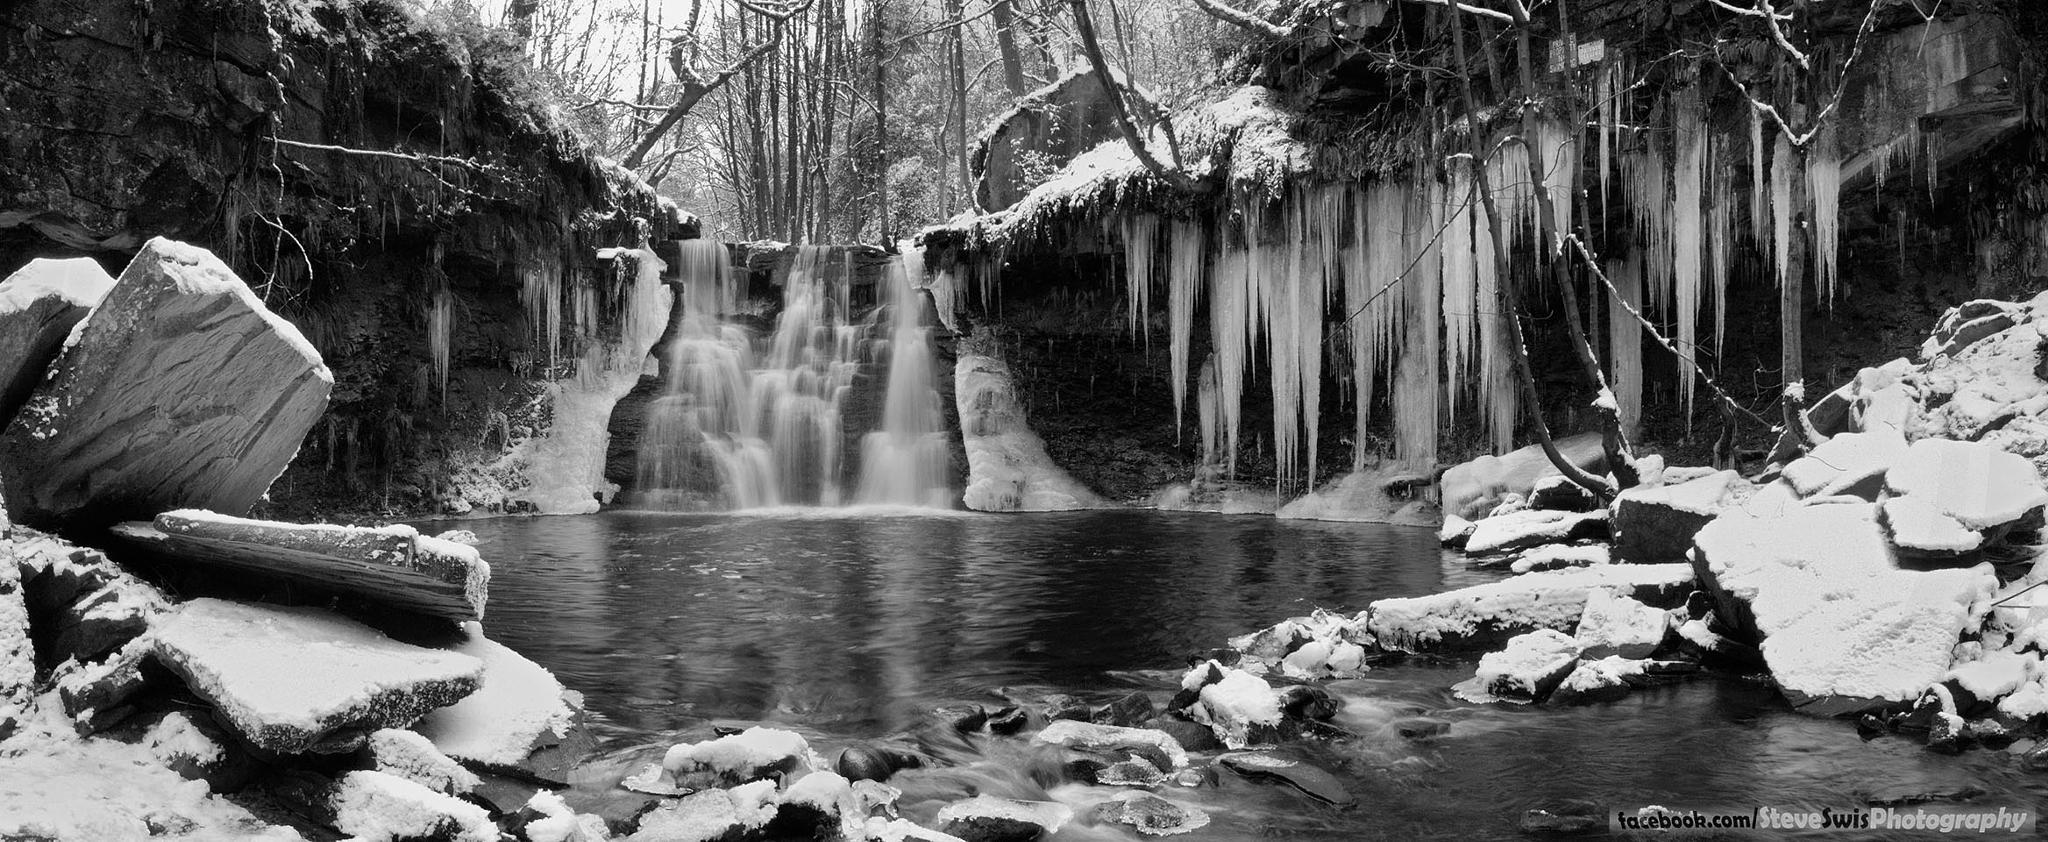 Goit Stock Falls, Bradford by Steve Swis